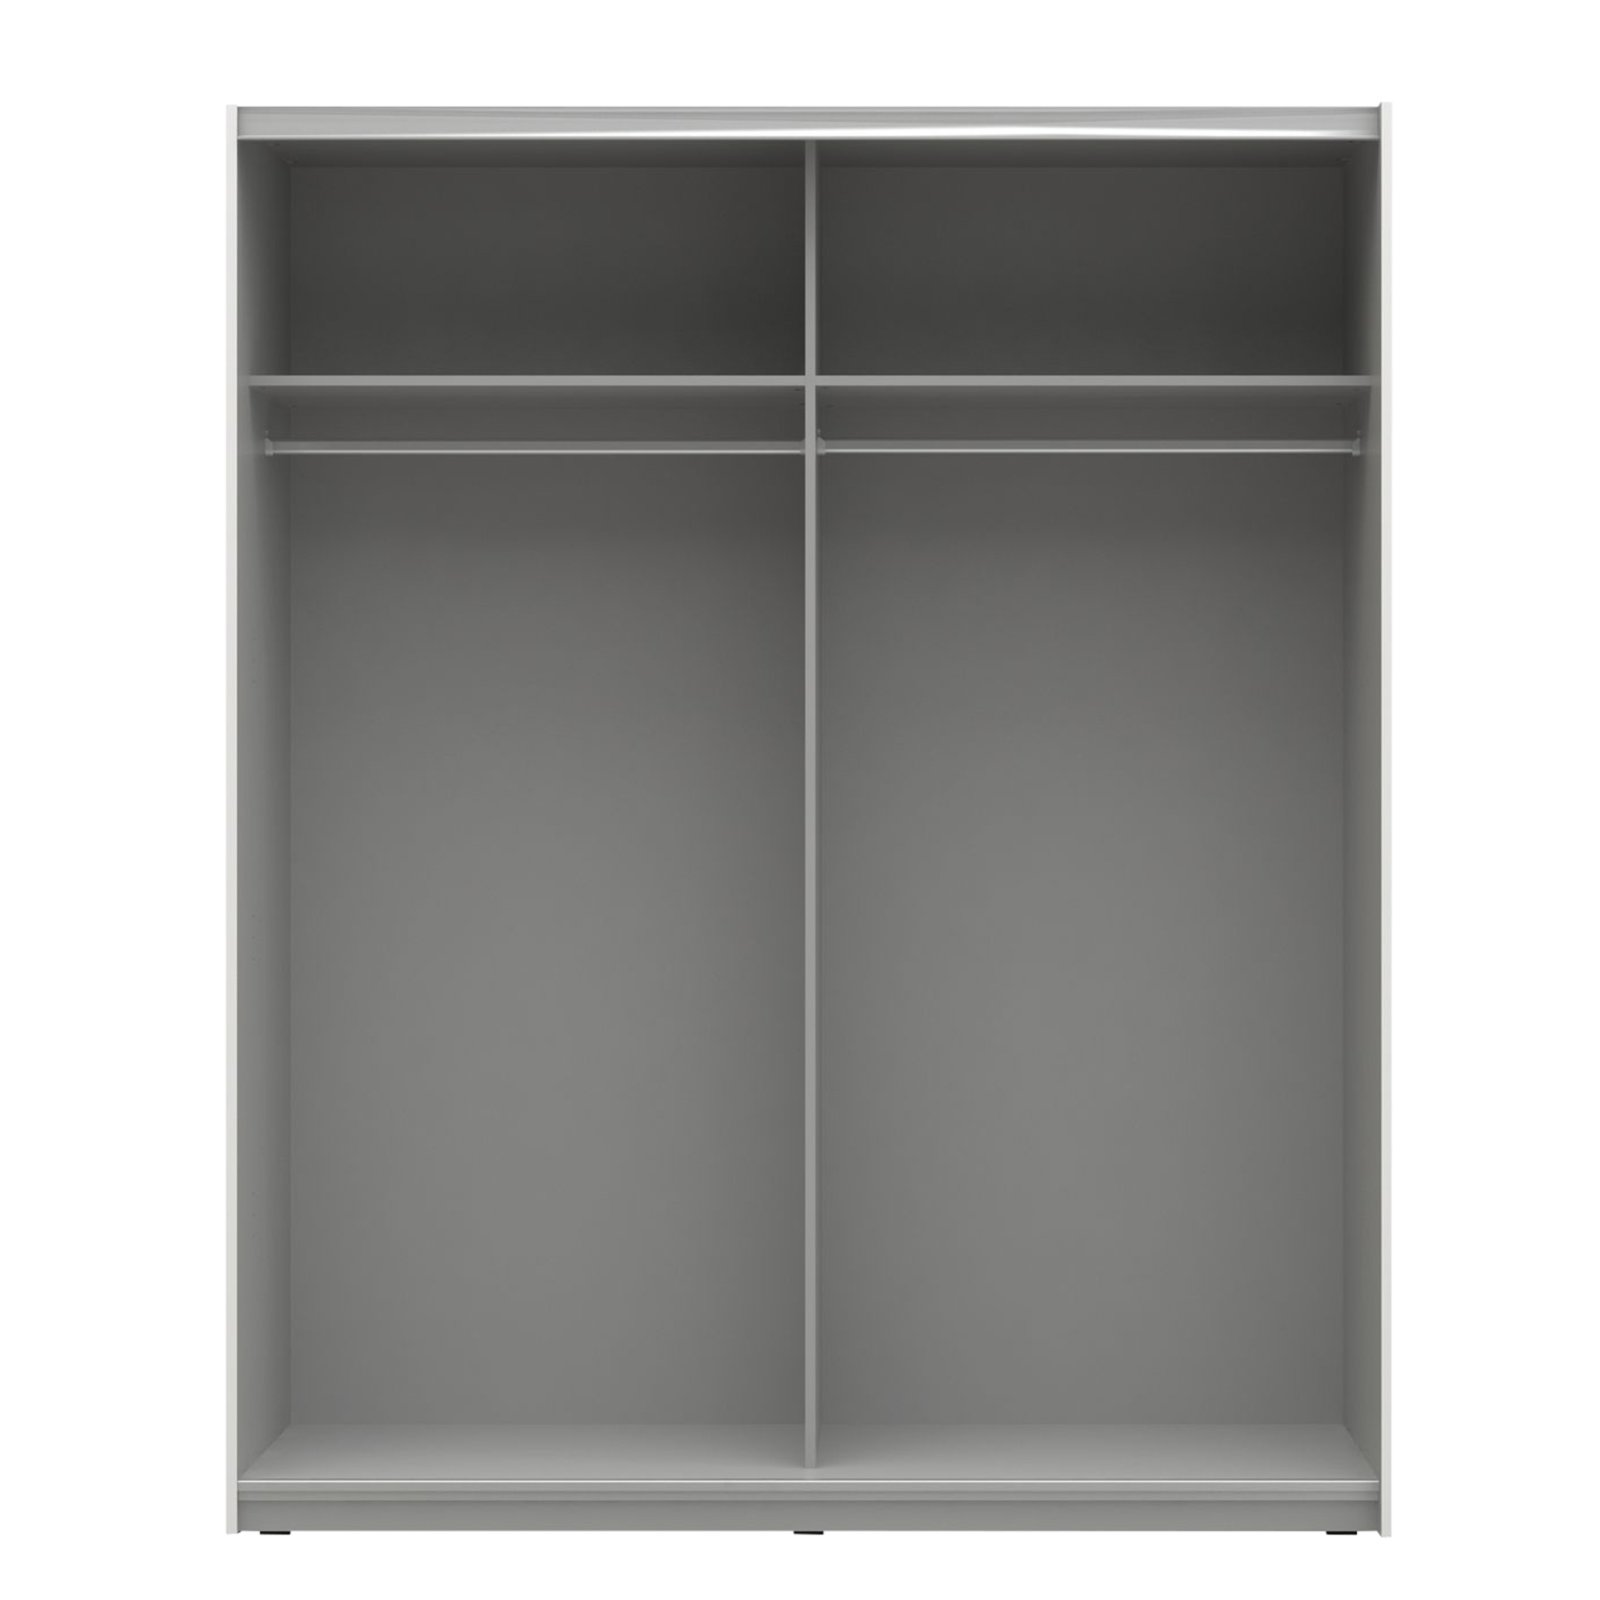 schwebet renschrank starlet plus wei 170 cm breit ebay. Black Bedroom Furniture Sets. Home Design Ideas